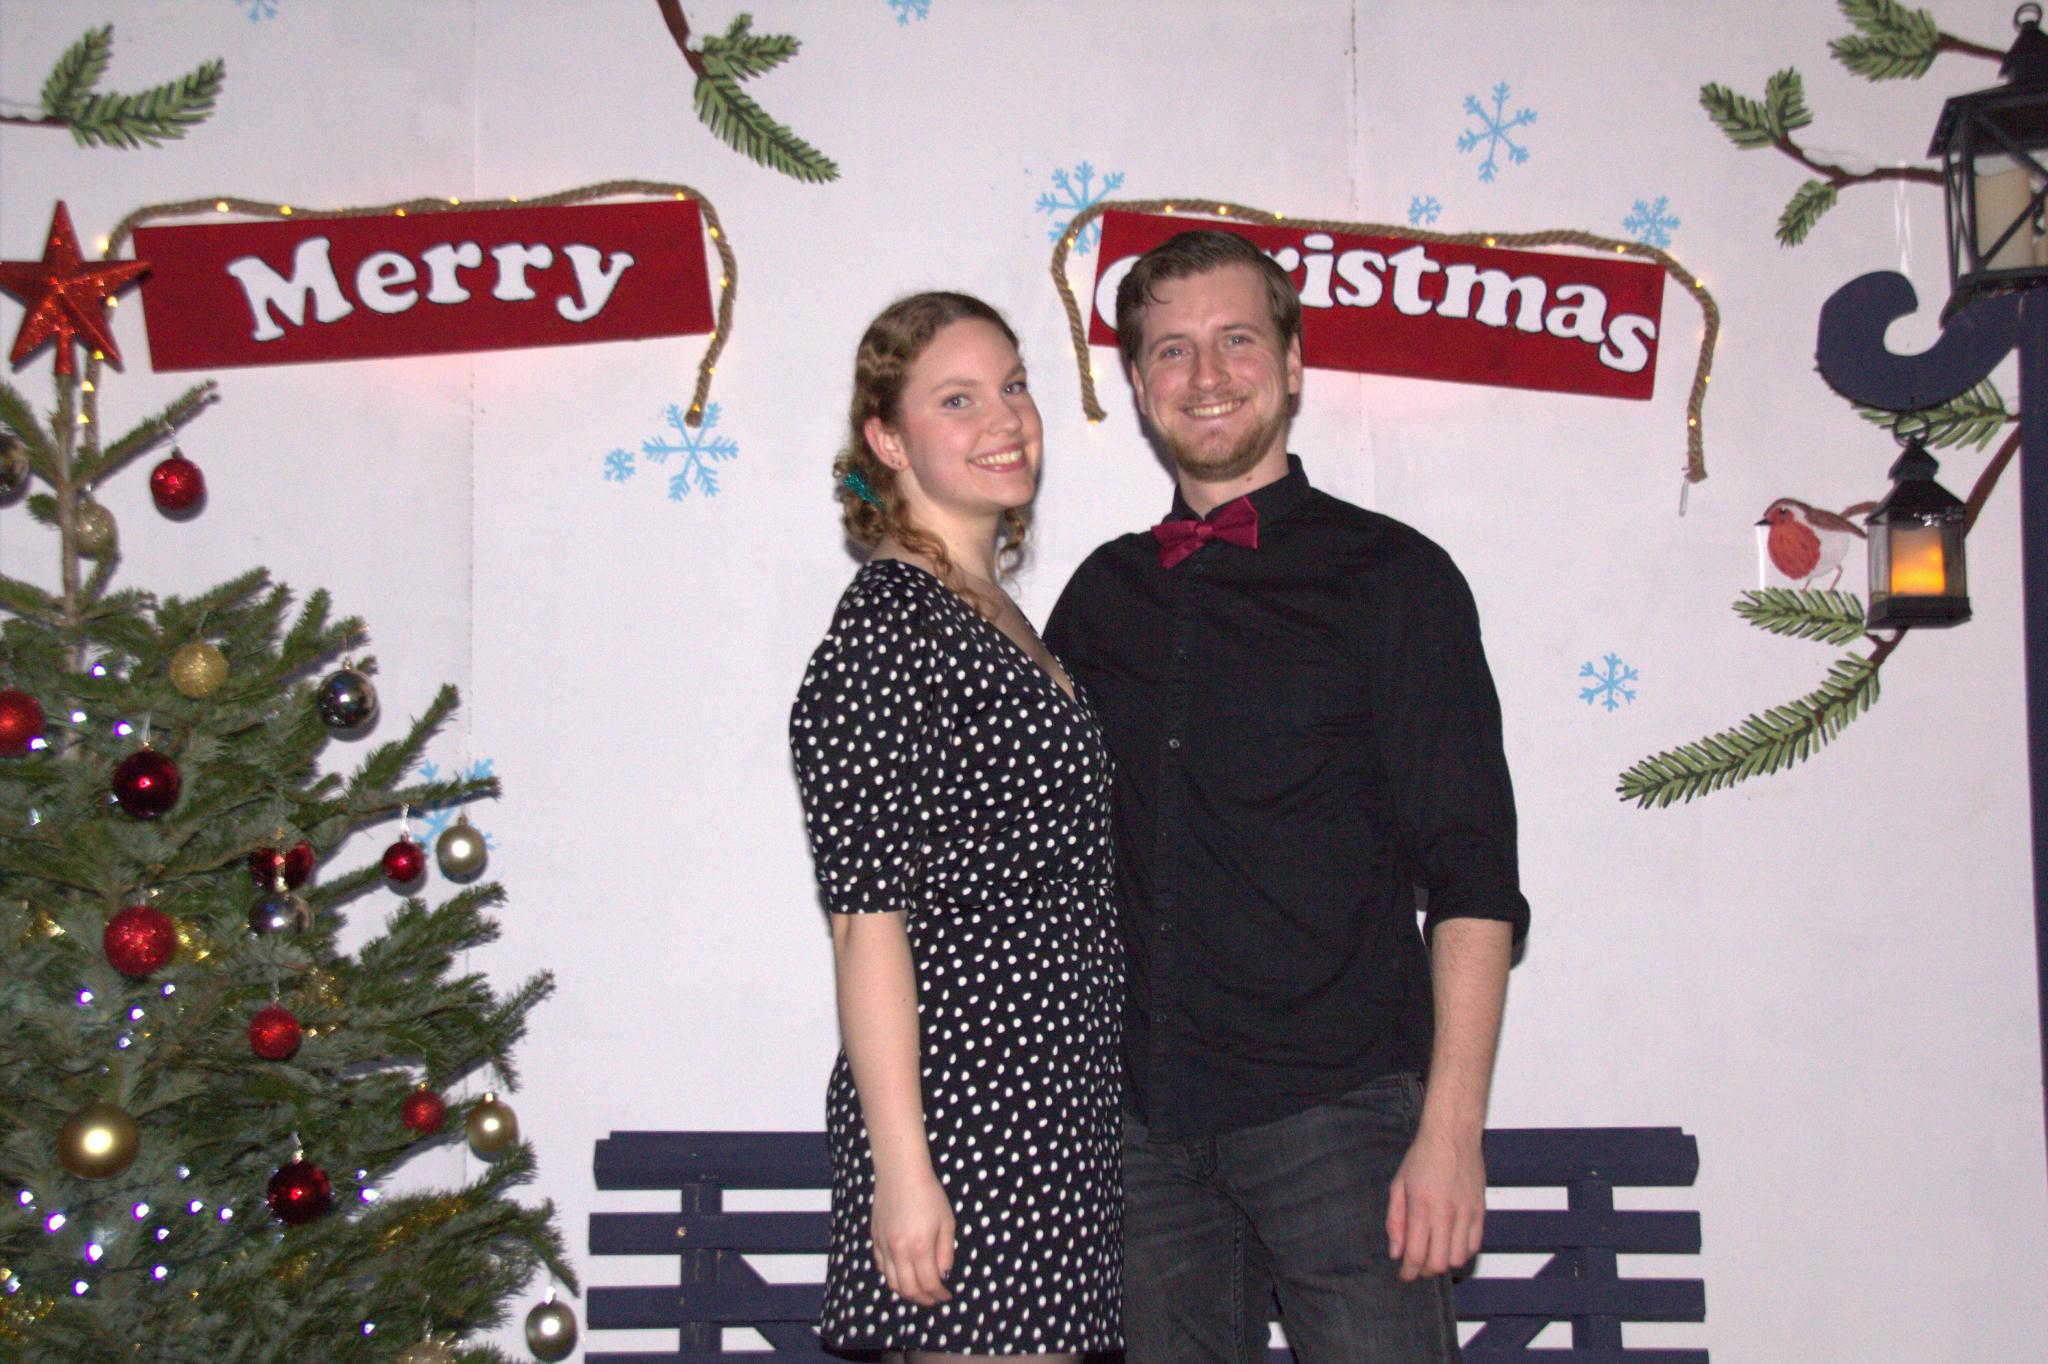 Kerstfeest_161